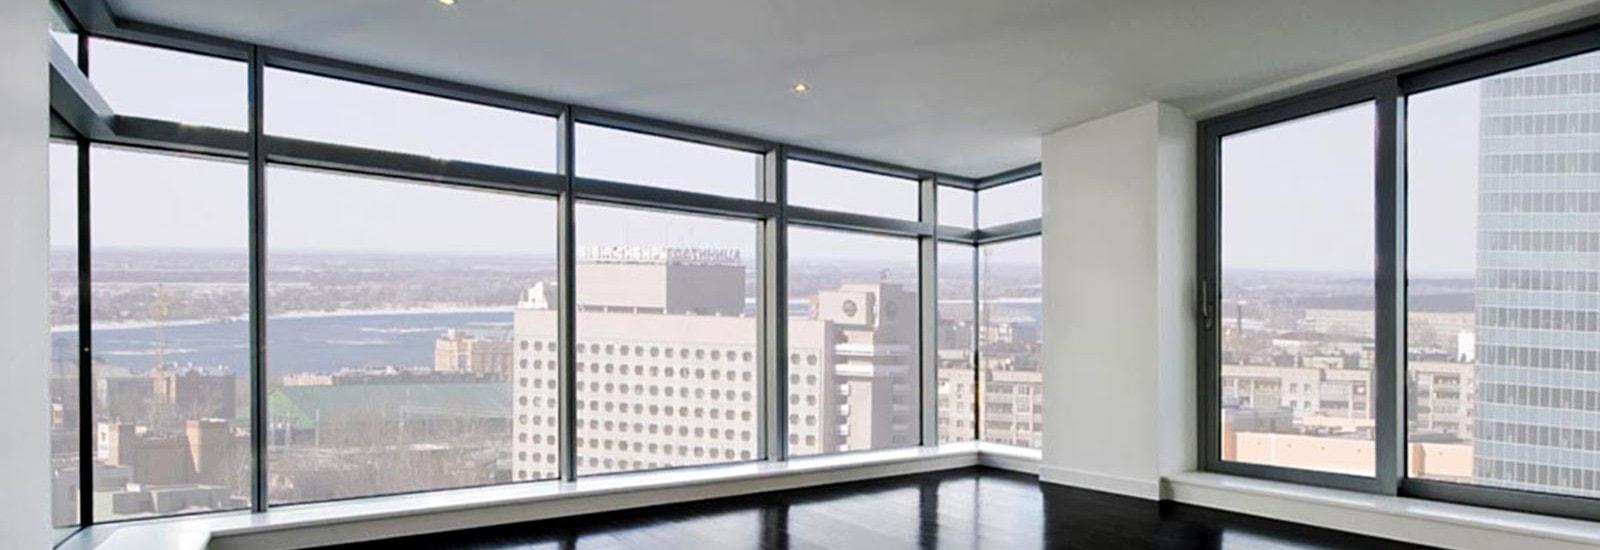 windows-1920x550-min